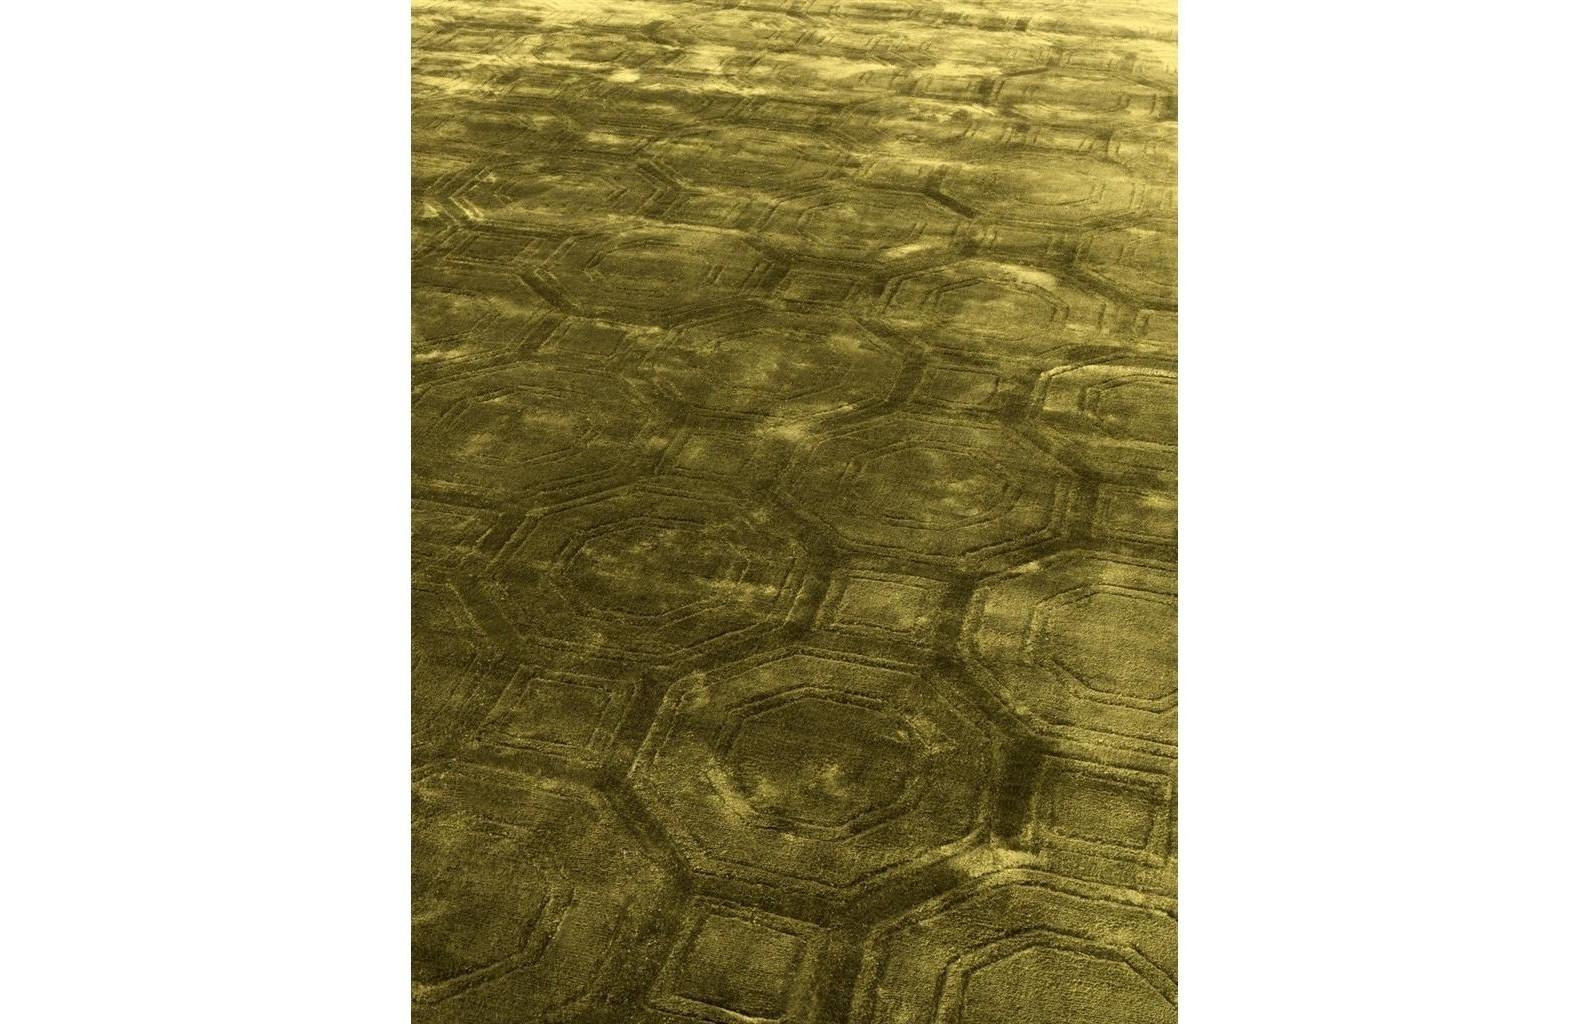 КоверПрямоугольные ковры<br>Ковер Carpet Shaw из 100% новозелландской шерсти. Цвет: болотно-зеленый. Ручная работа.<br><br>Material: Шерсть<br>Ширина см: 300.0<br>Глубина см: 200.0